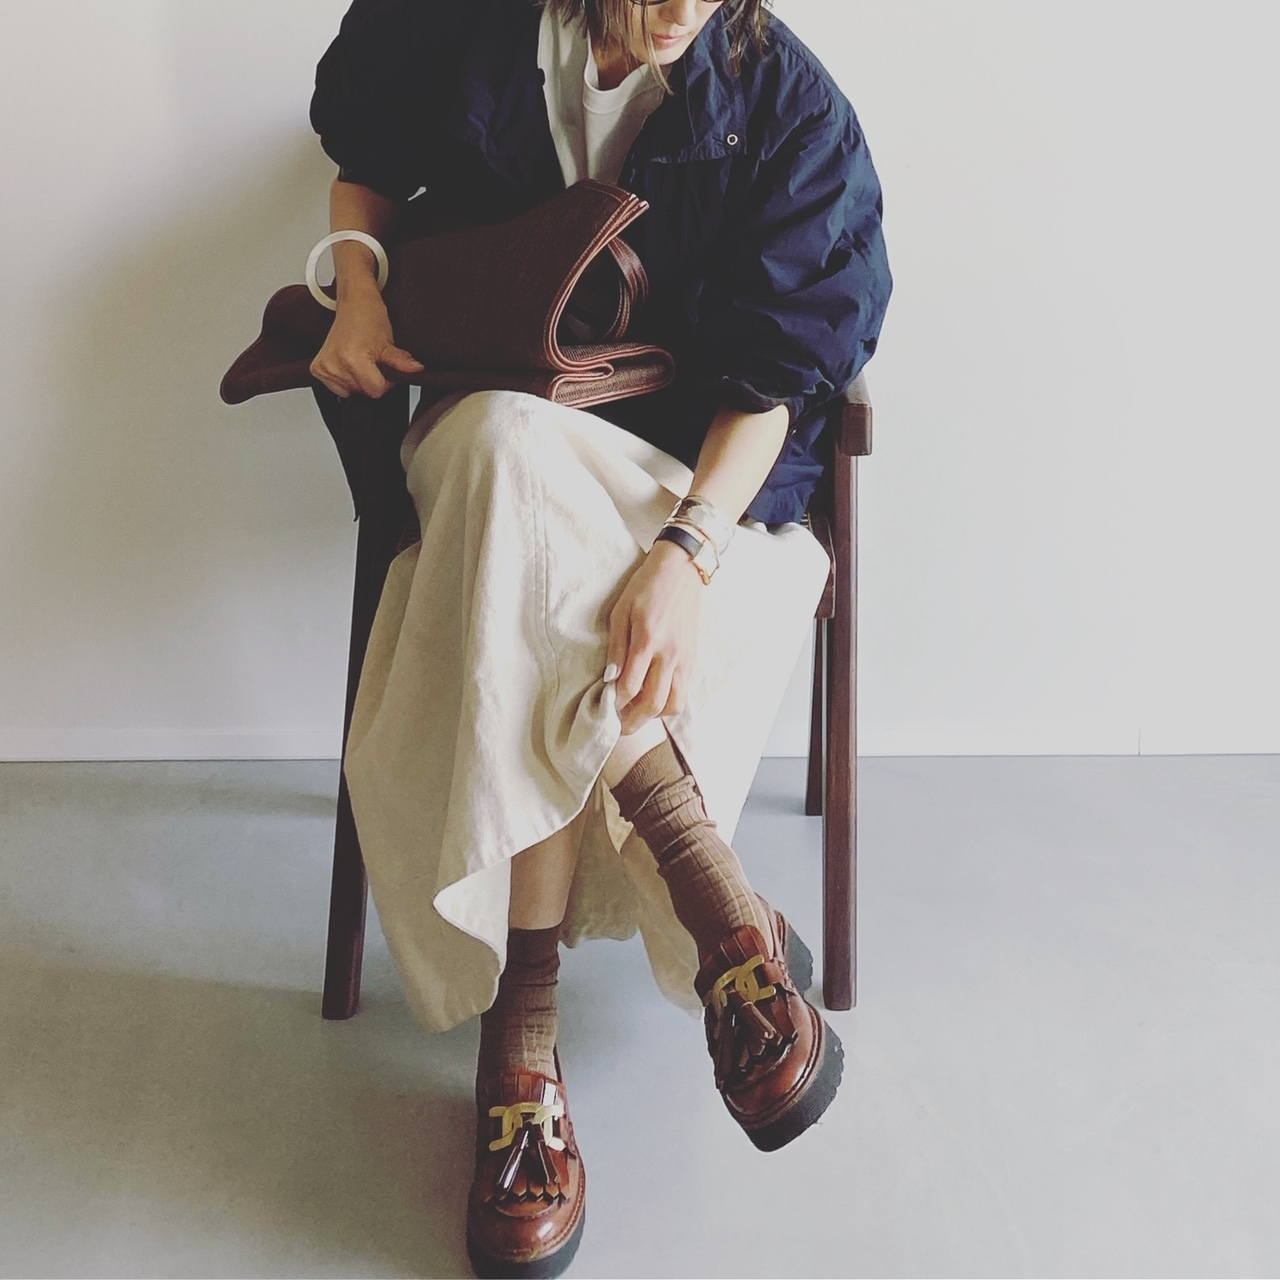 ソックス/Pantherella 靴/TOD'S ブルゾン/ATON Tシャツ/UNIQLO スカート/Chaos バッグ/A VACATION